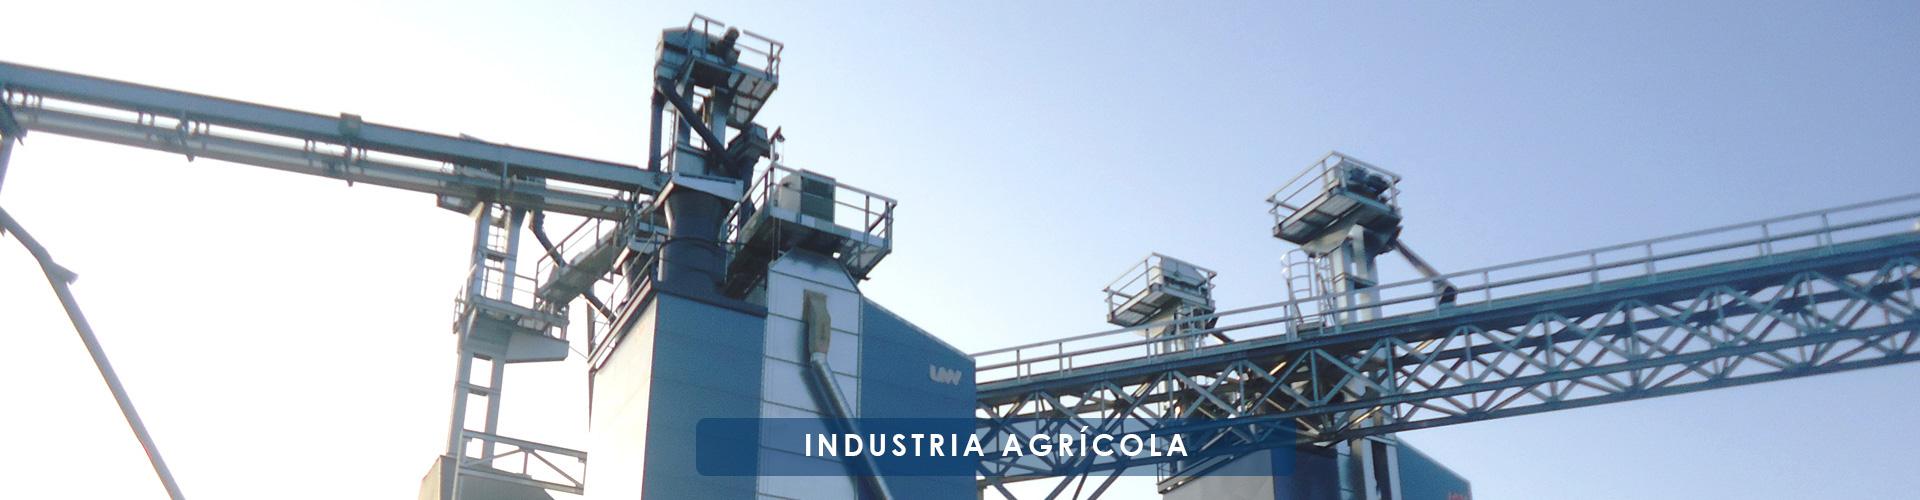 Industria Agrícola